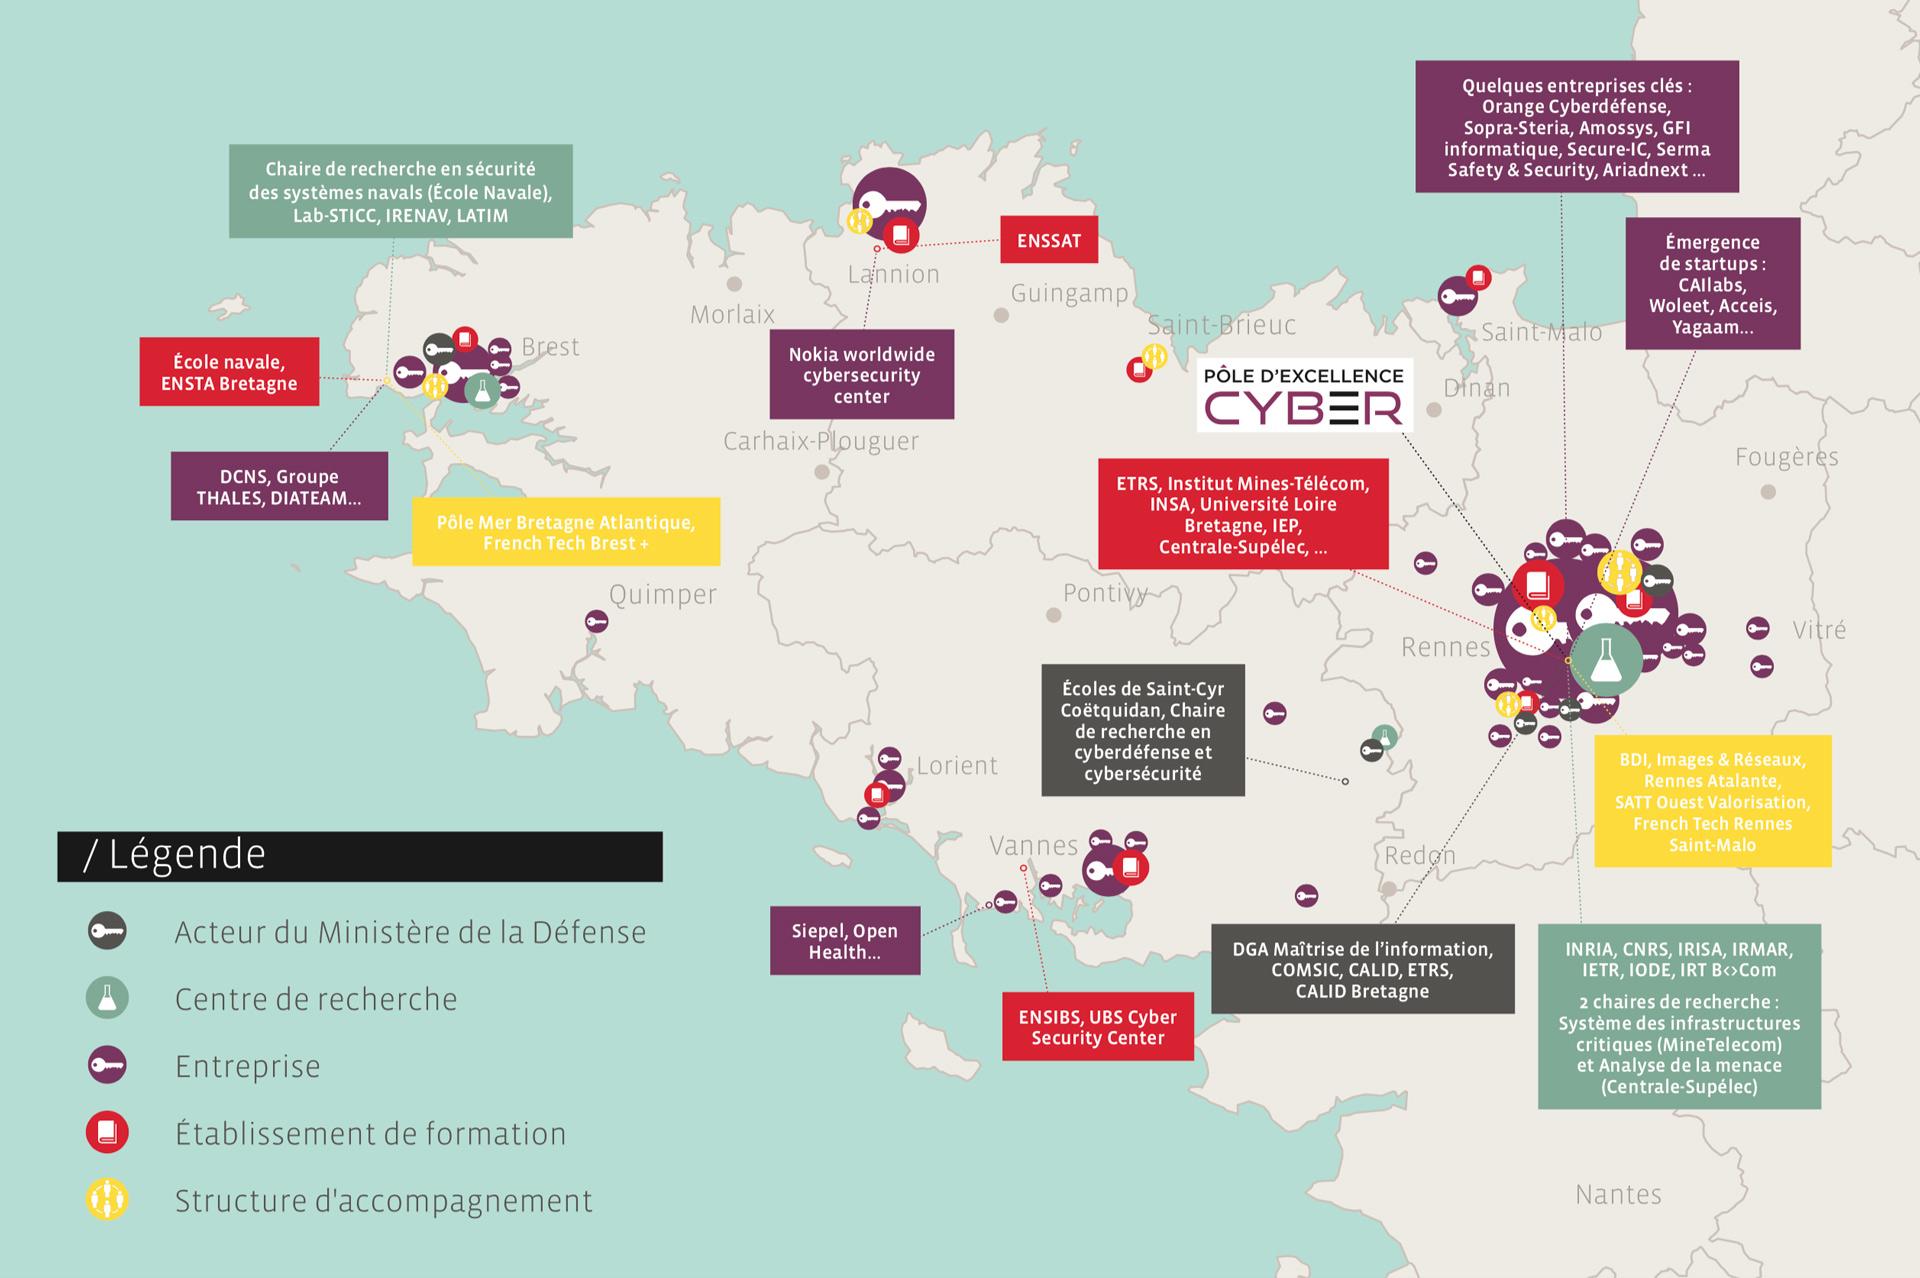 Ecosystème breton de la cybersécurité